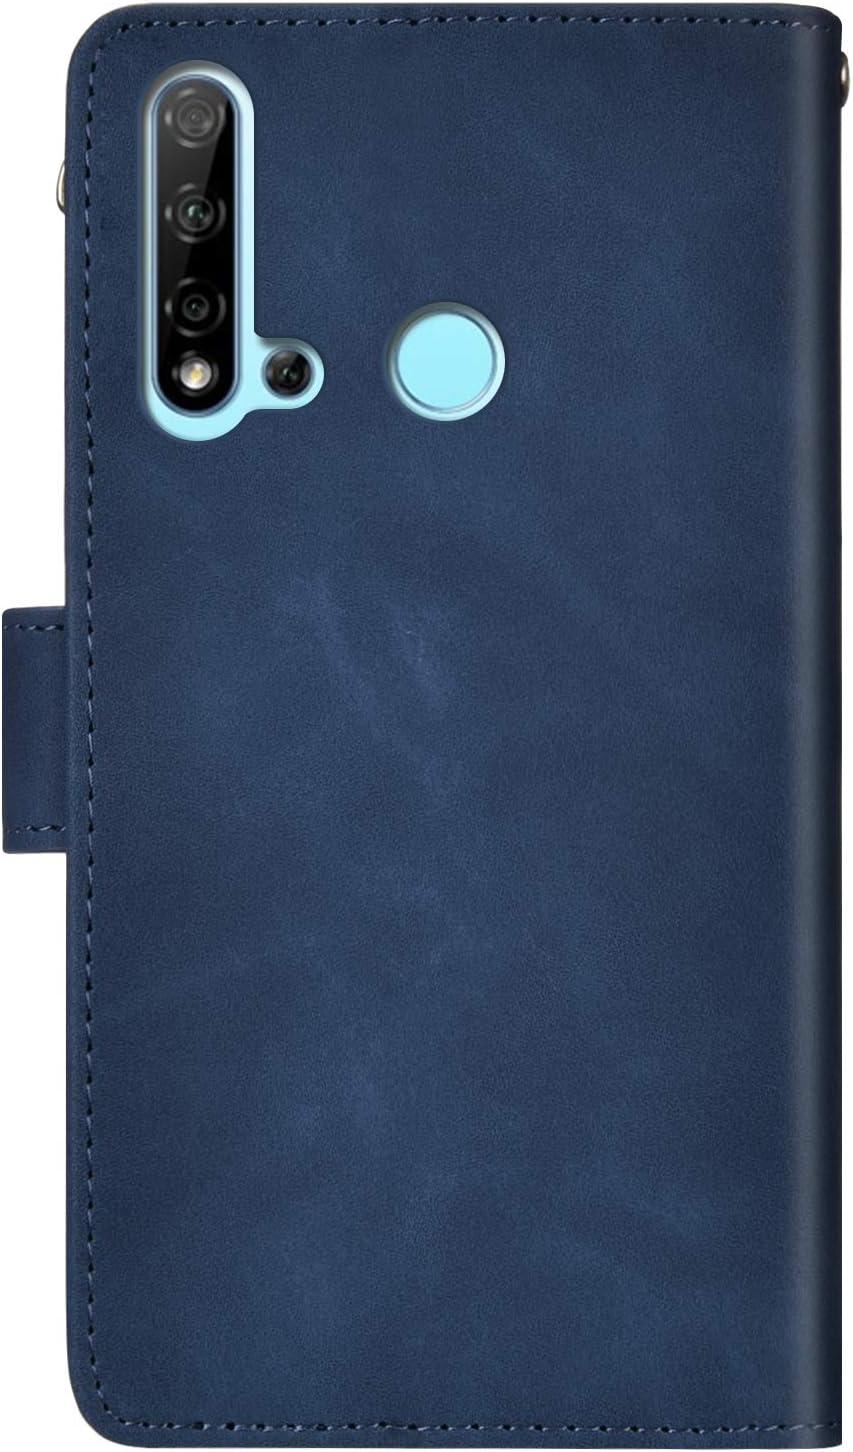 JAWSEU Coque Huawei P20 Lite 2019 /à Rabat en Cuir Etui Portefeuille Pochette PU pour Huawei P20 Lite 2019,R/étro Motif Housse Etui Protection Magn/étique PU Livre Flip Wallet Case Cover//Bleu